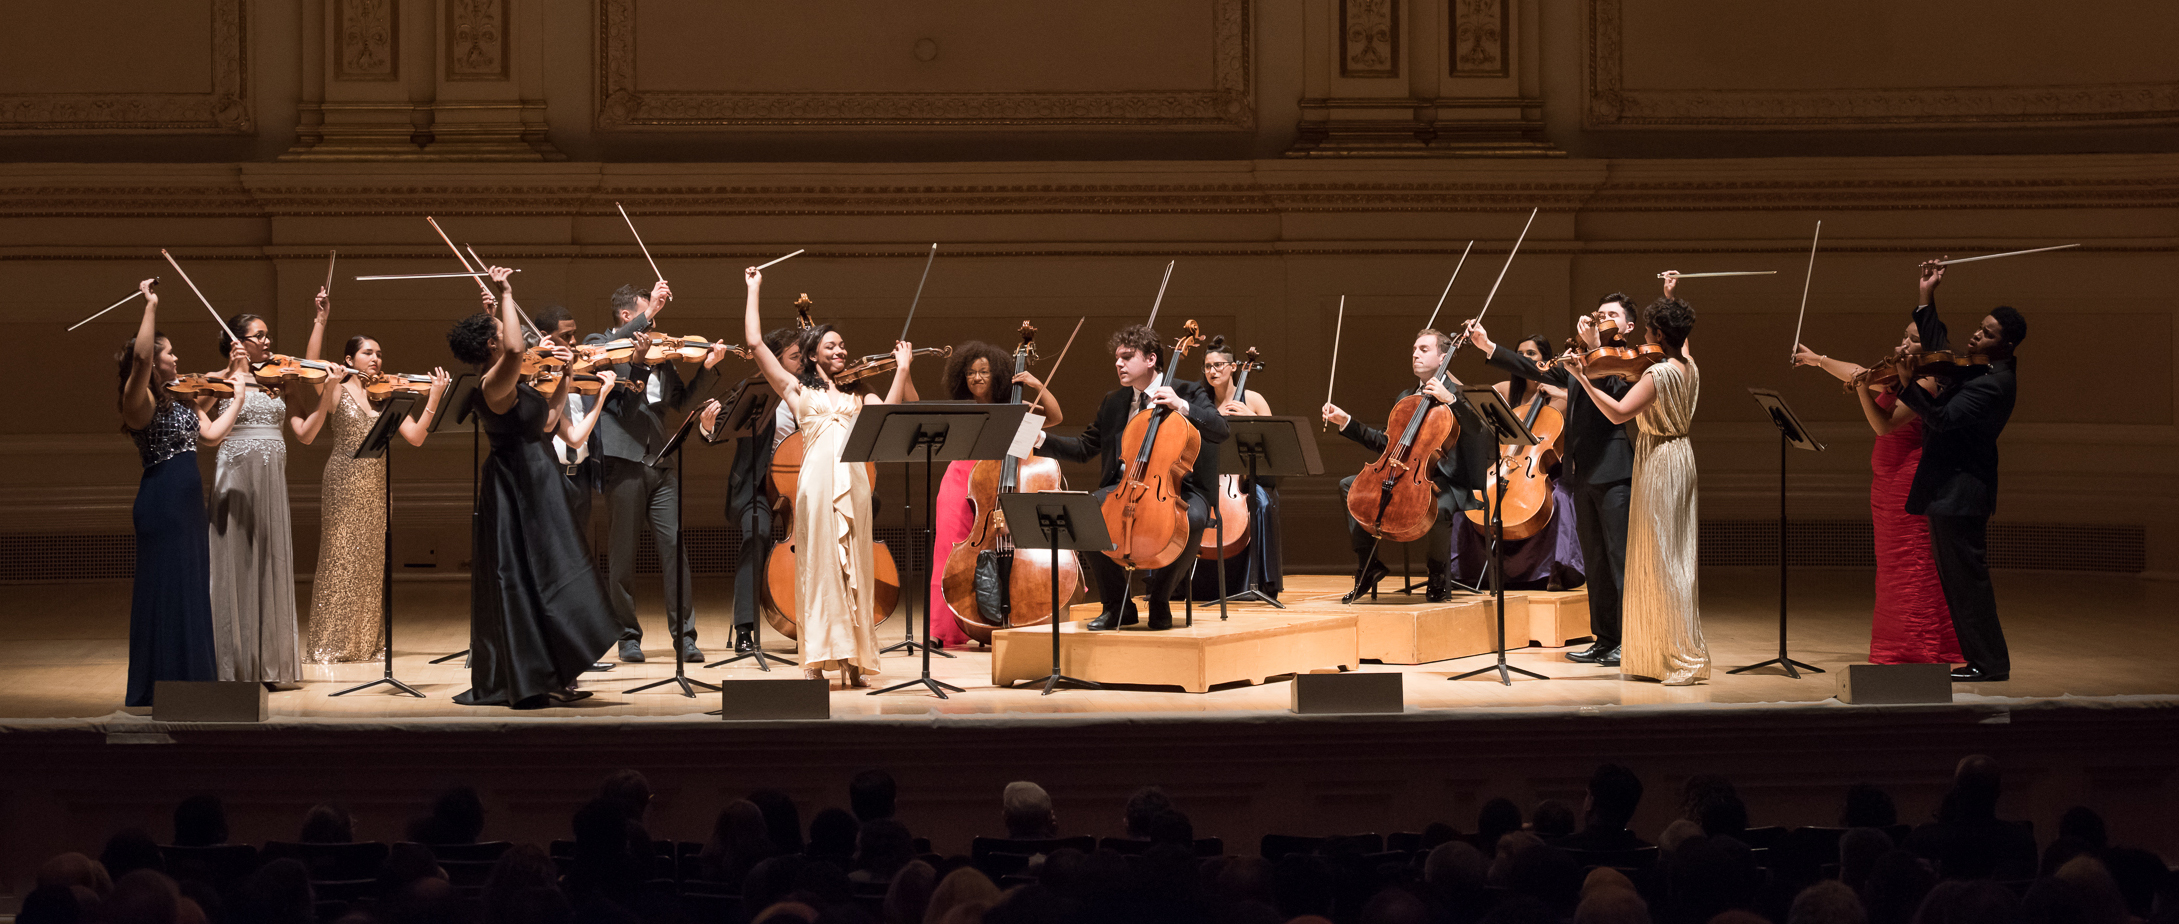 Sphinx Virtuosi at Carnegie Hall